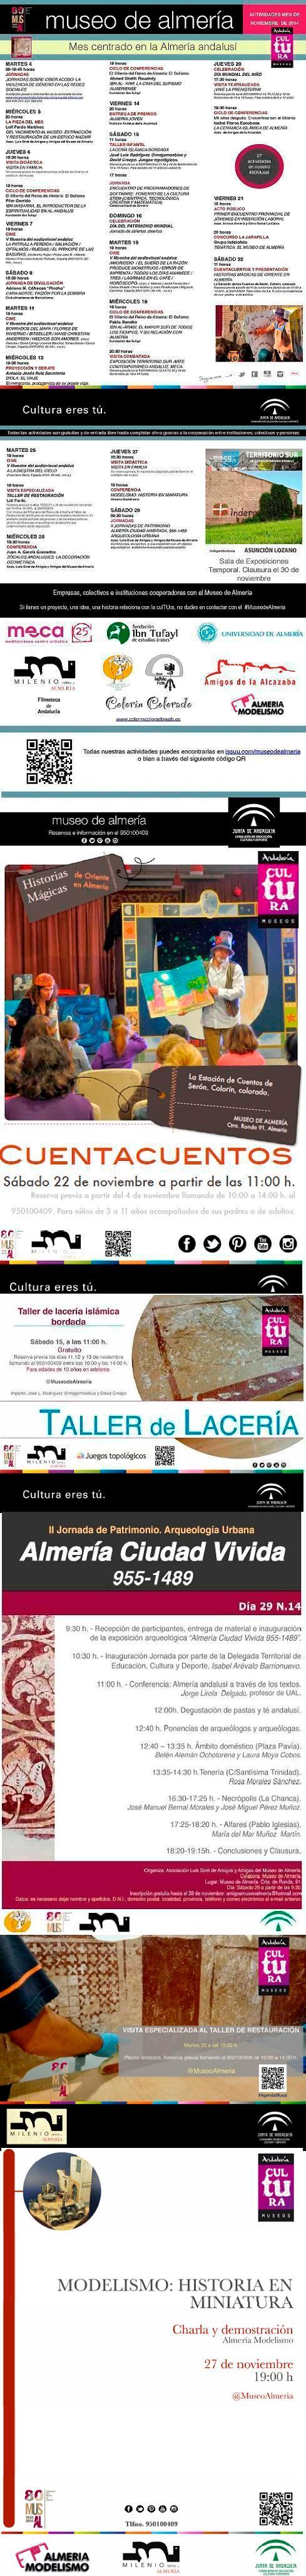 20141126194603-museoprogramacion-noviembre-14.jpg